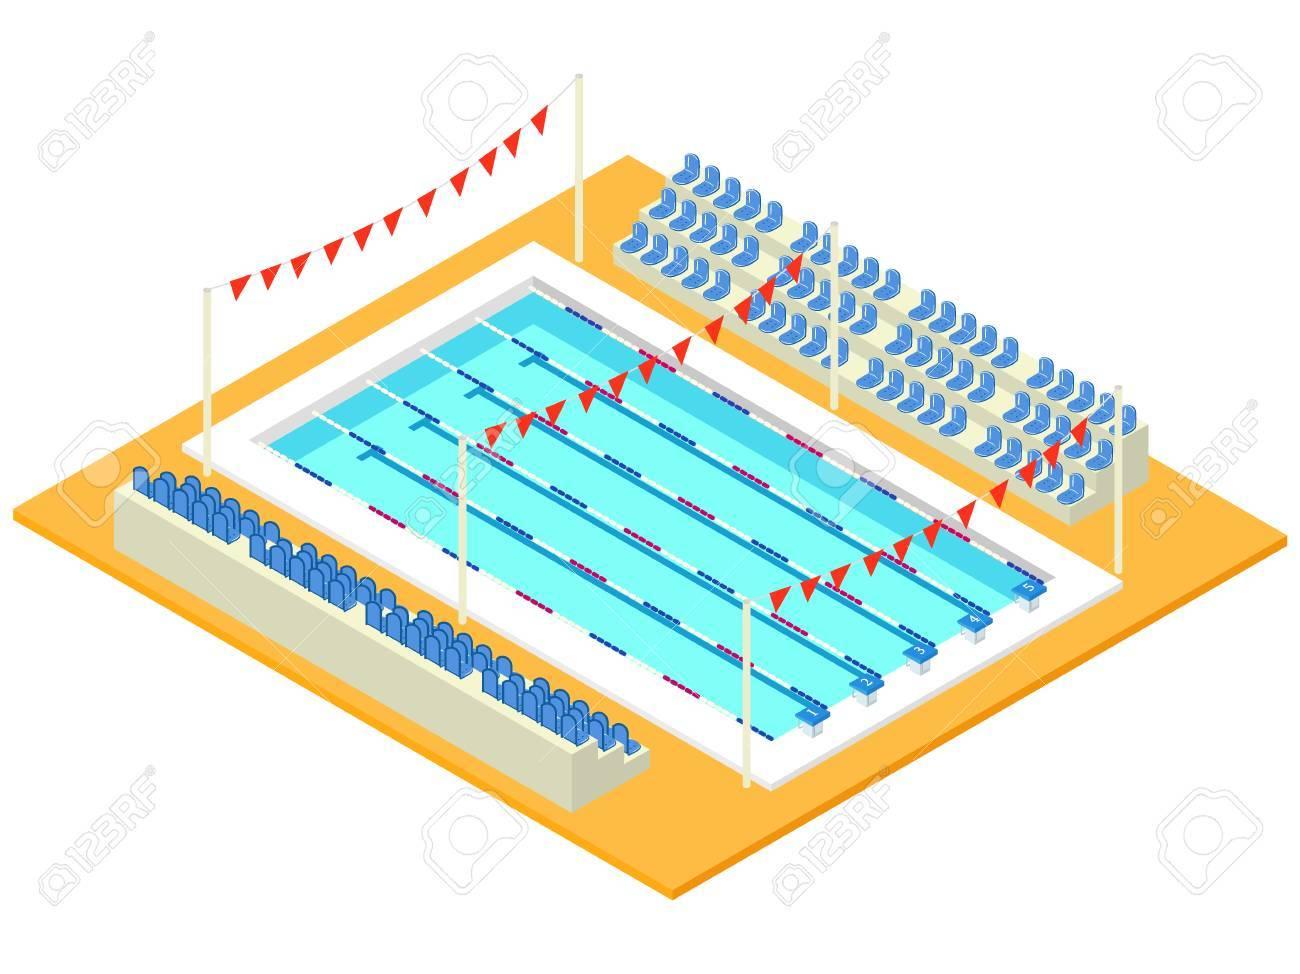 Piscine Sportive Isométrique Réaliste Illustration Vectorielle Créative 3d Avec Bassin Drapeaux Et Tribune Conception En Perspective Utilisée